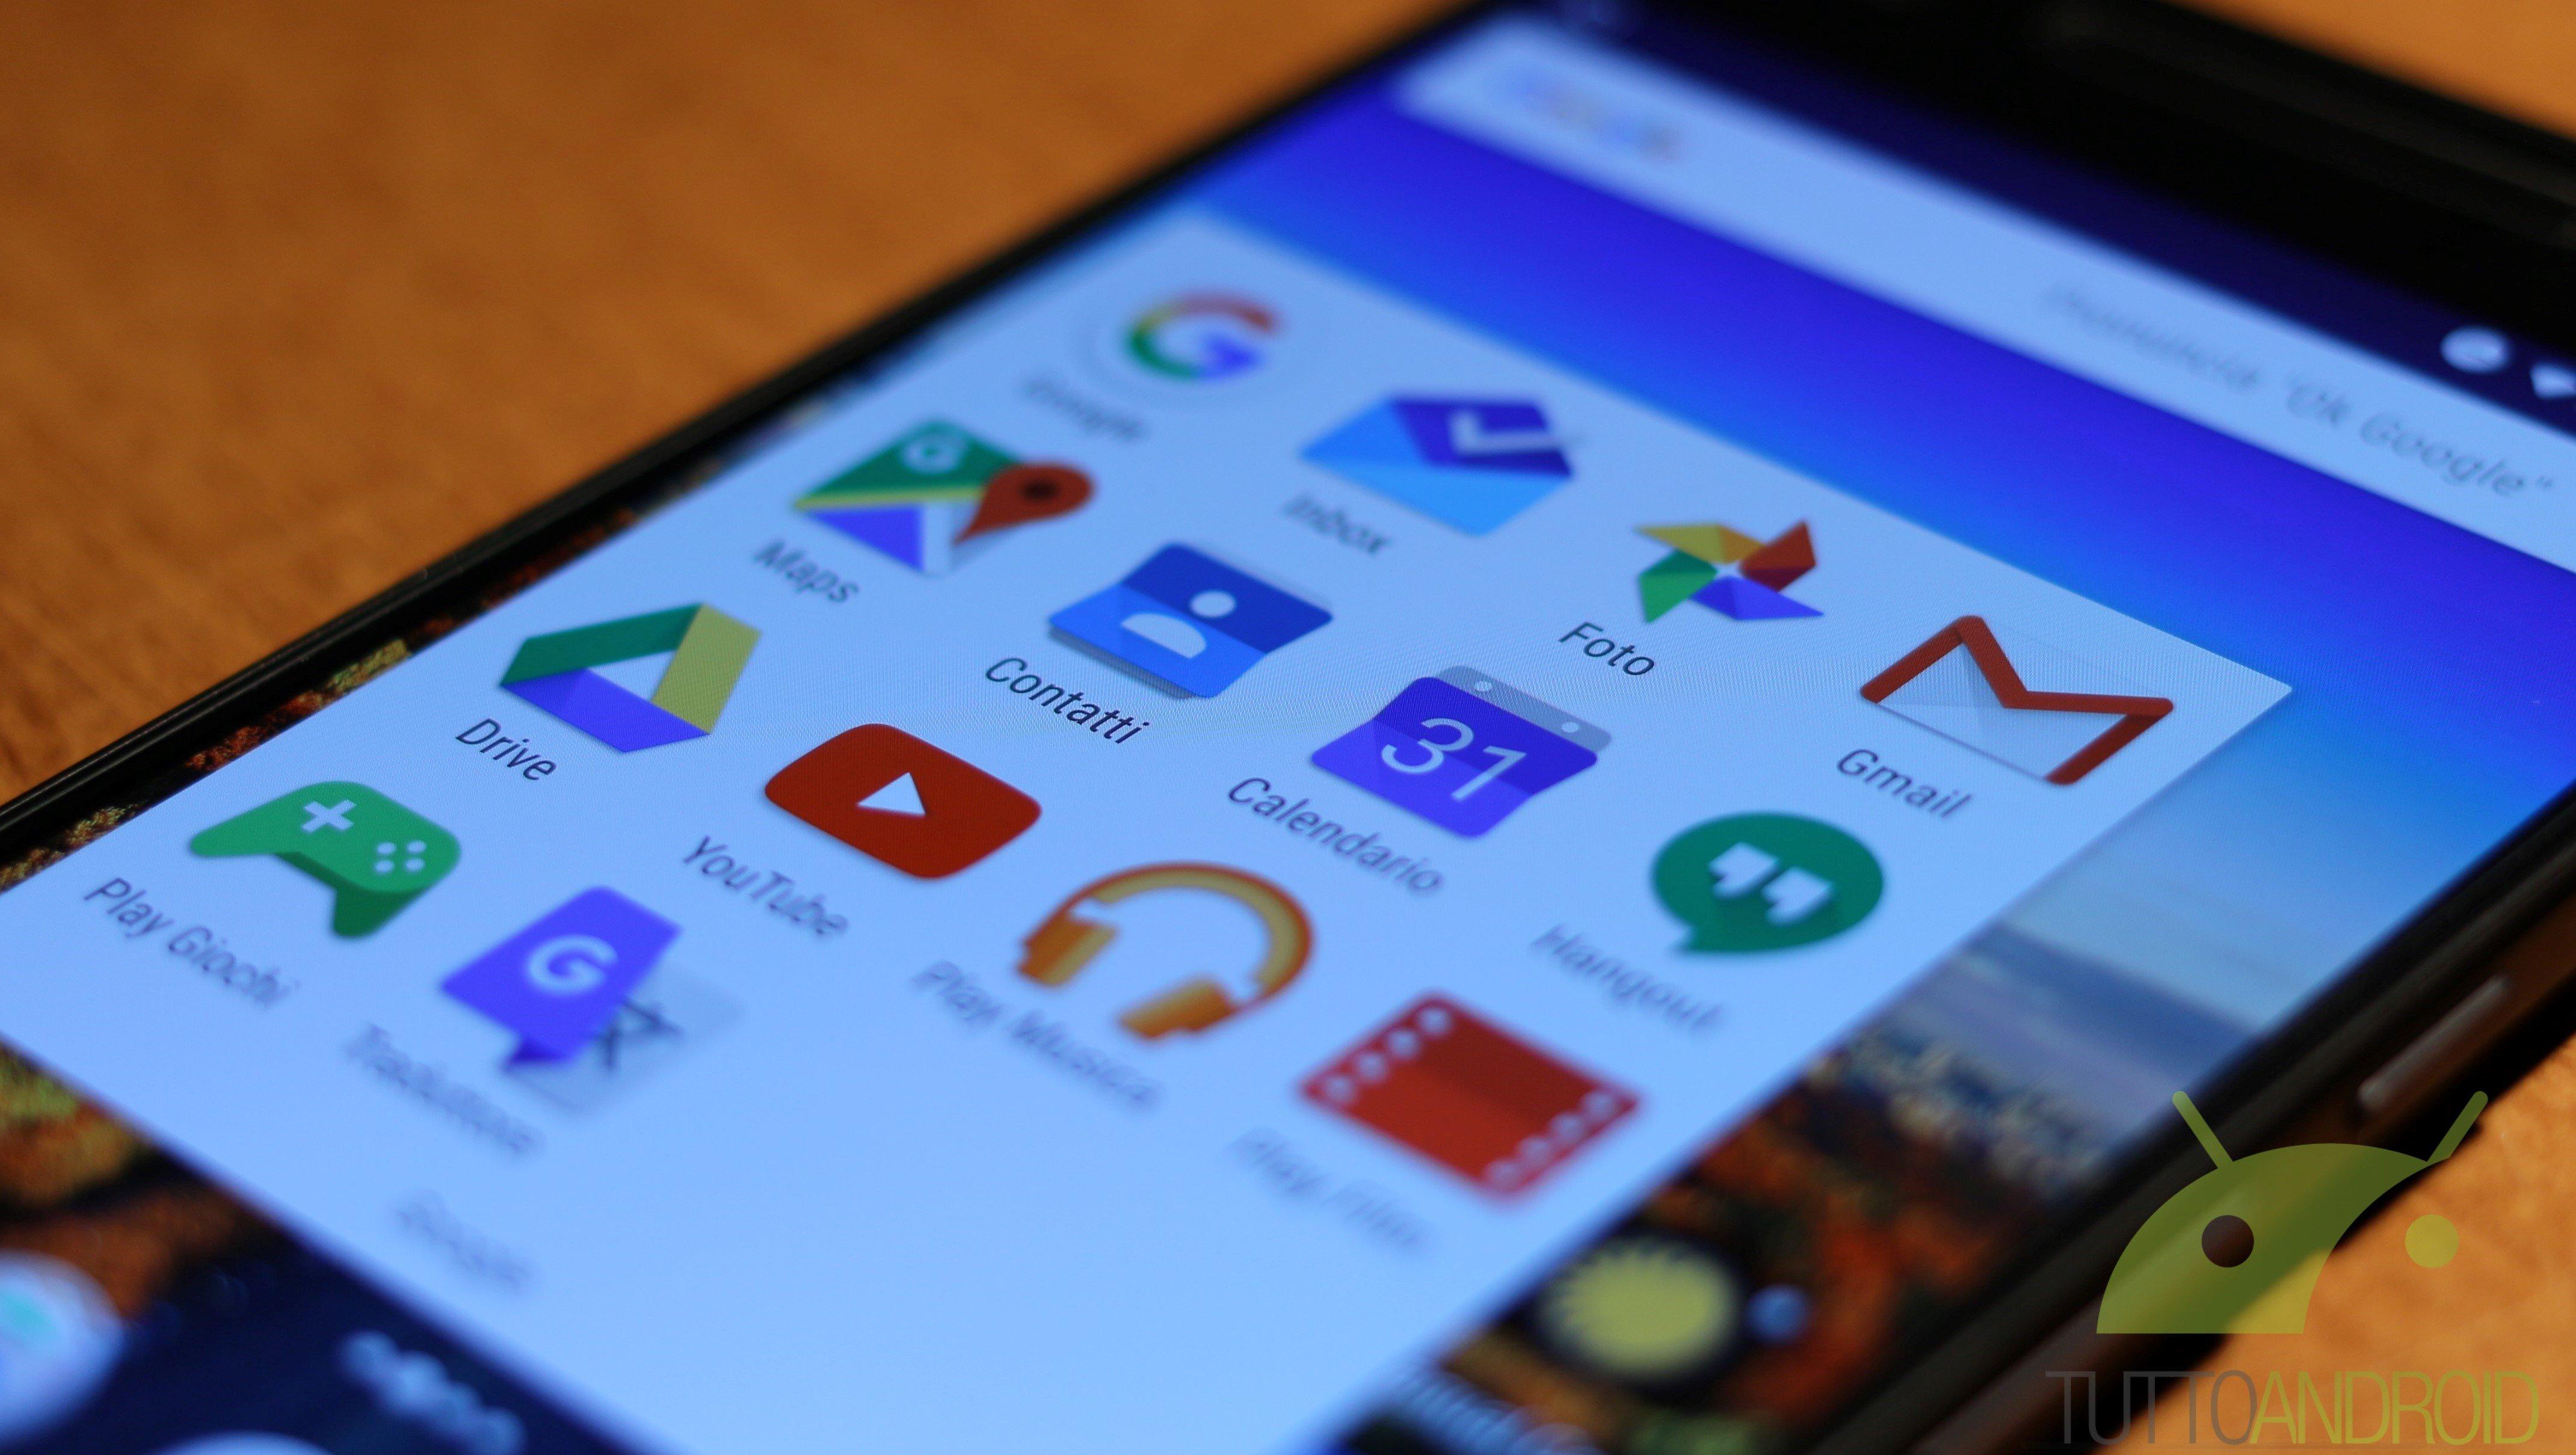 L'app Google ci chiede di valutare le proprie notifiche